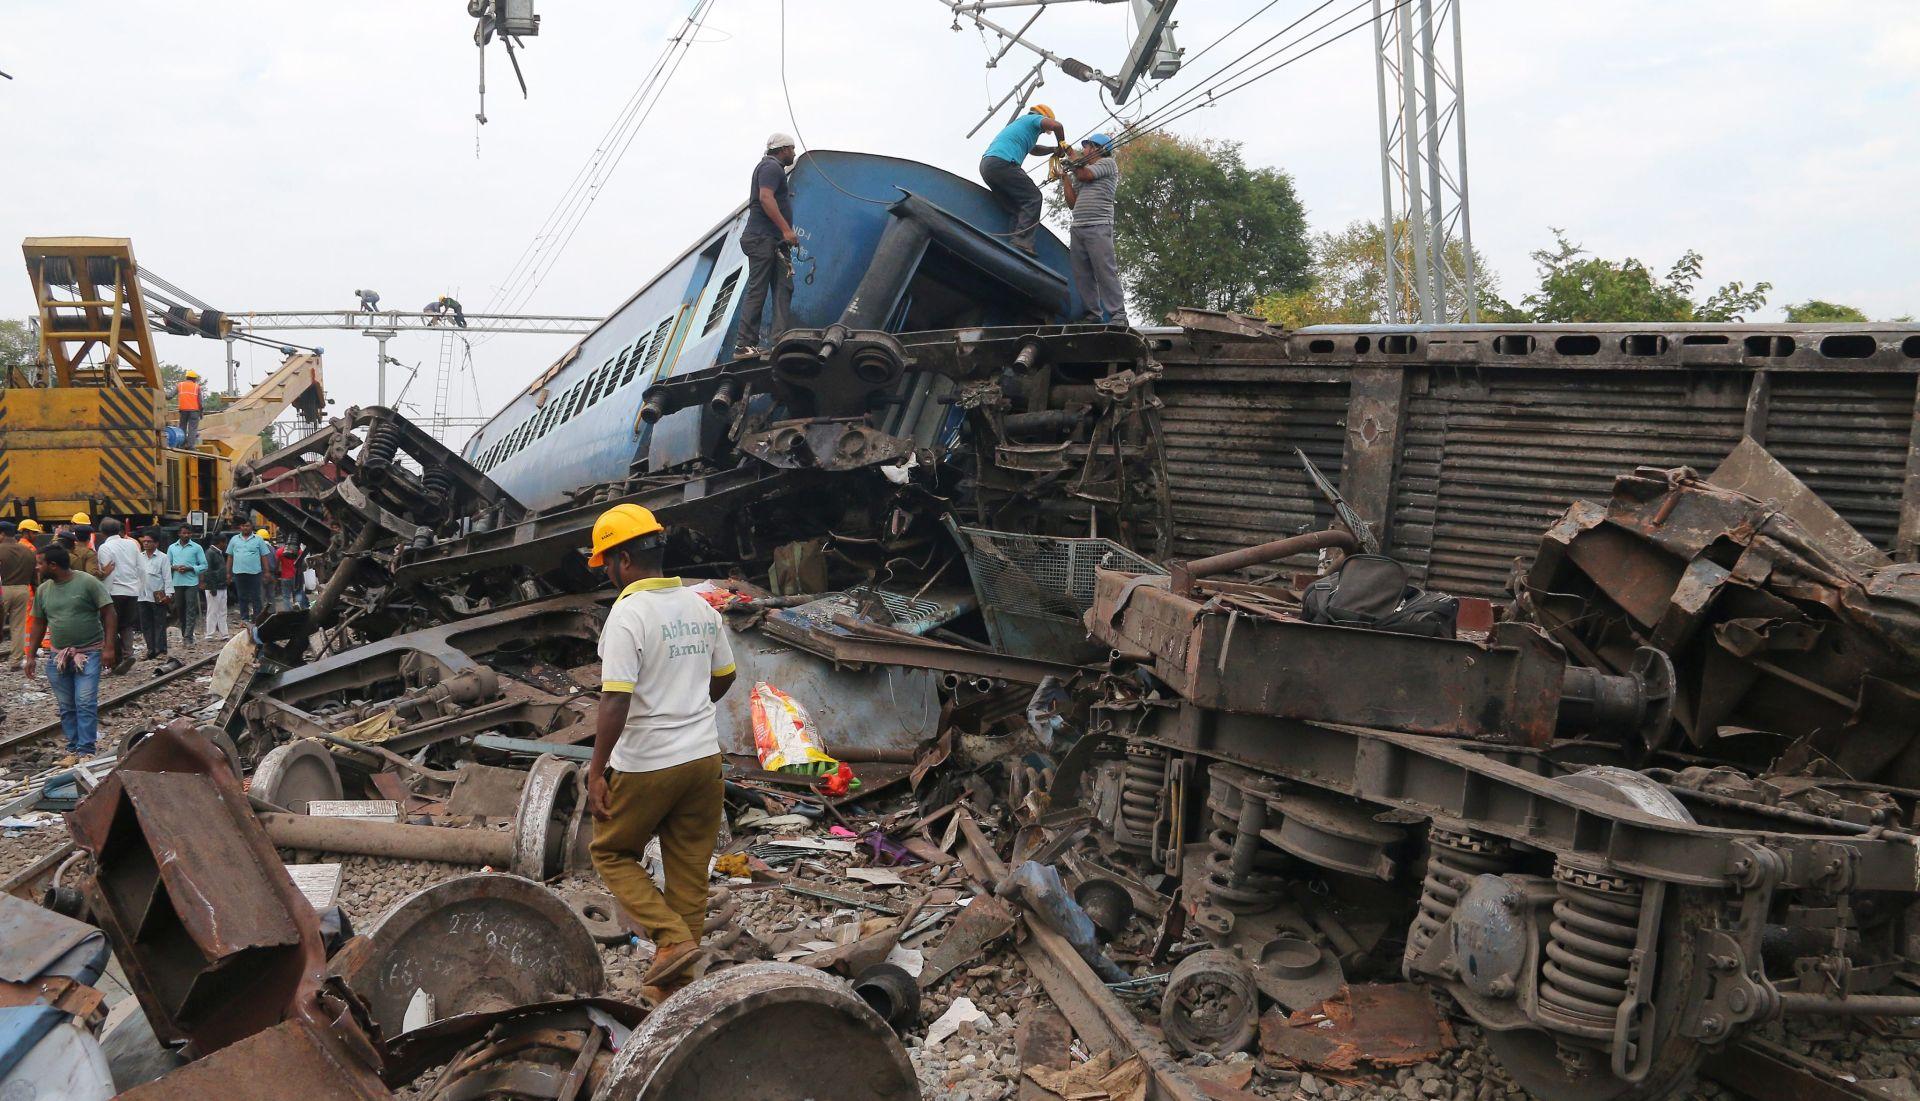 PORASTAO BROJ POGINULIH U iskliznuću vlaka s tračnica u Indiji 39 mrtvih